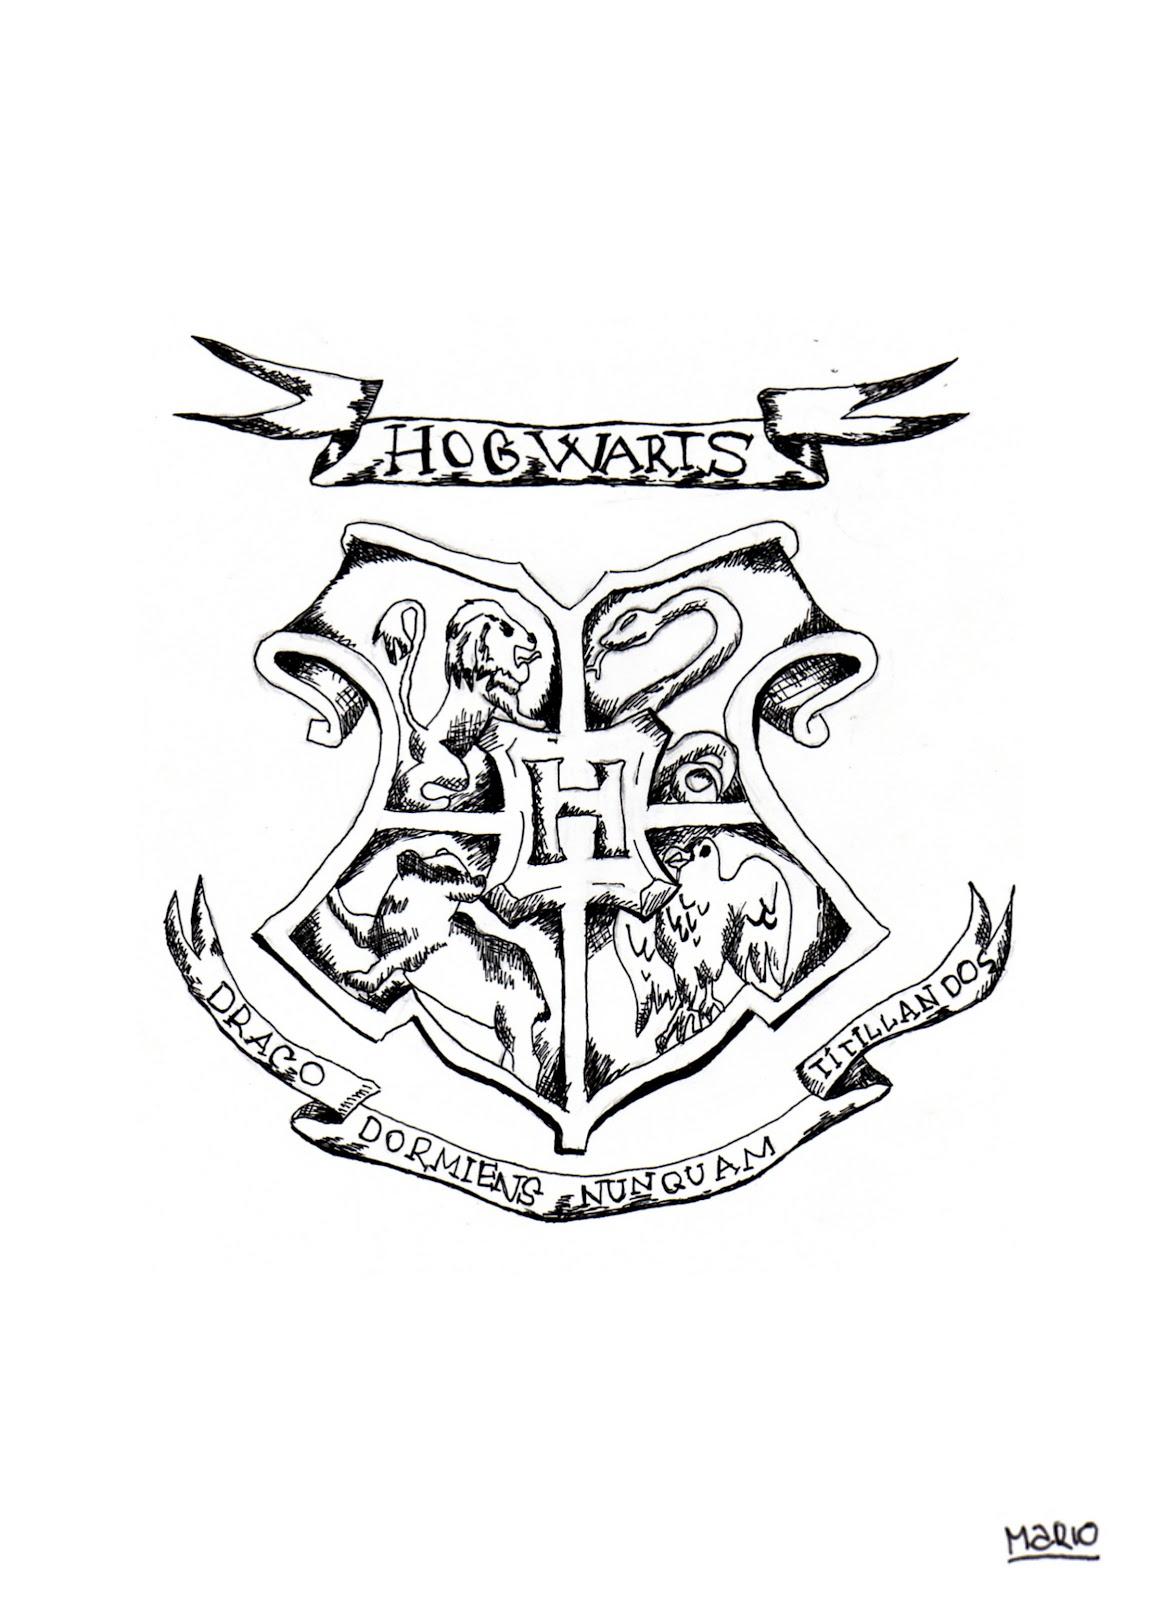 http://4.bp.blogspot.com/-pwiMkdbxS2w/UFdGTZ8L9fI/AAAAAAAABuU/iTbmq83fb3Q/s1600/hogwarts_2.jpg